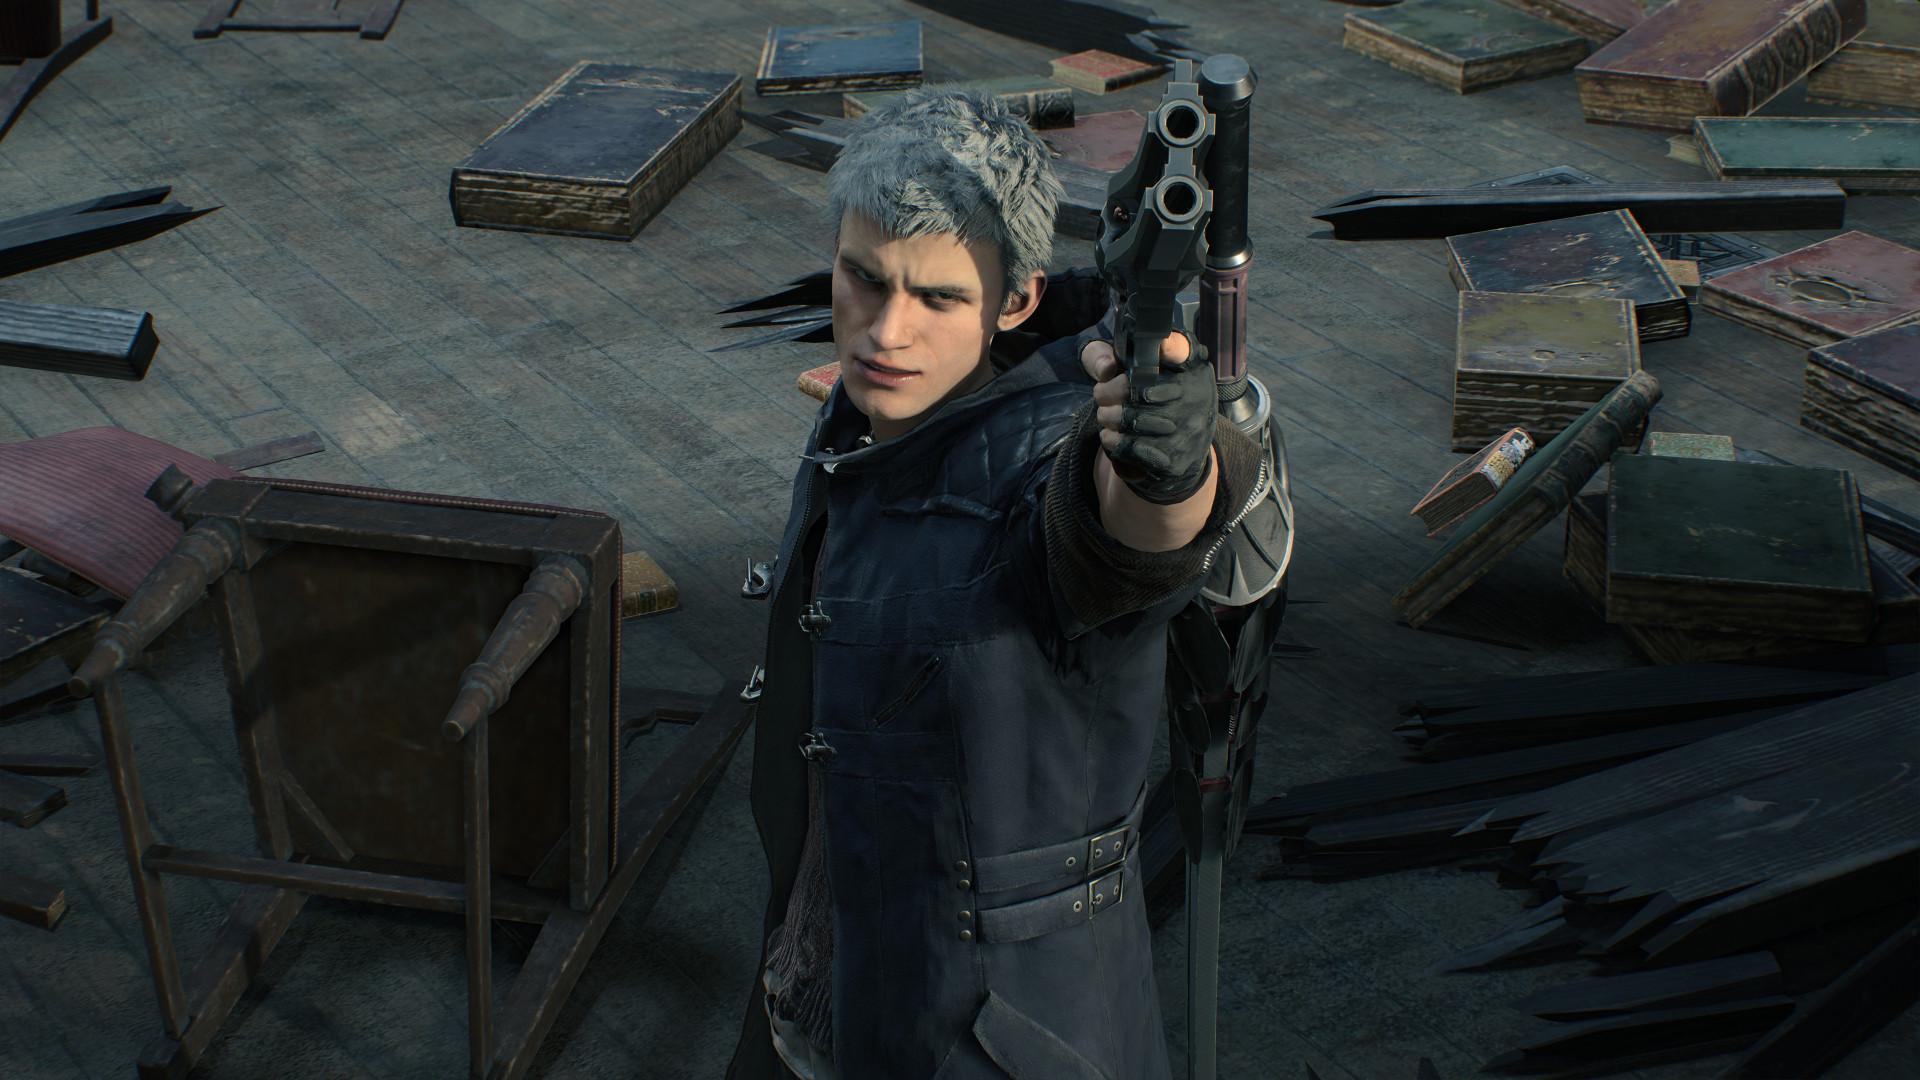 Прохождение Devil May Cry 5 займет 15 часов. В игру могут добавить новых персонажей